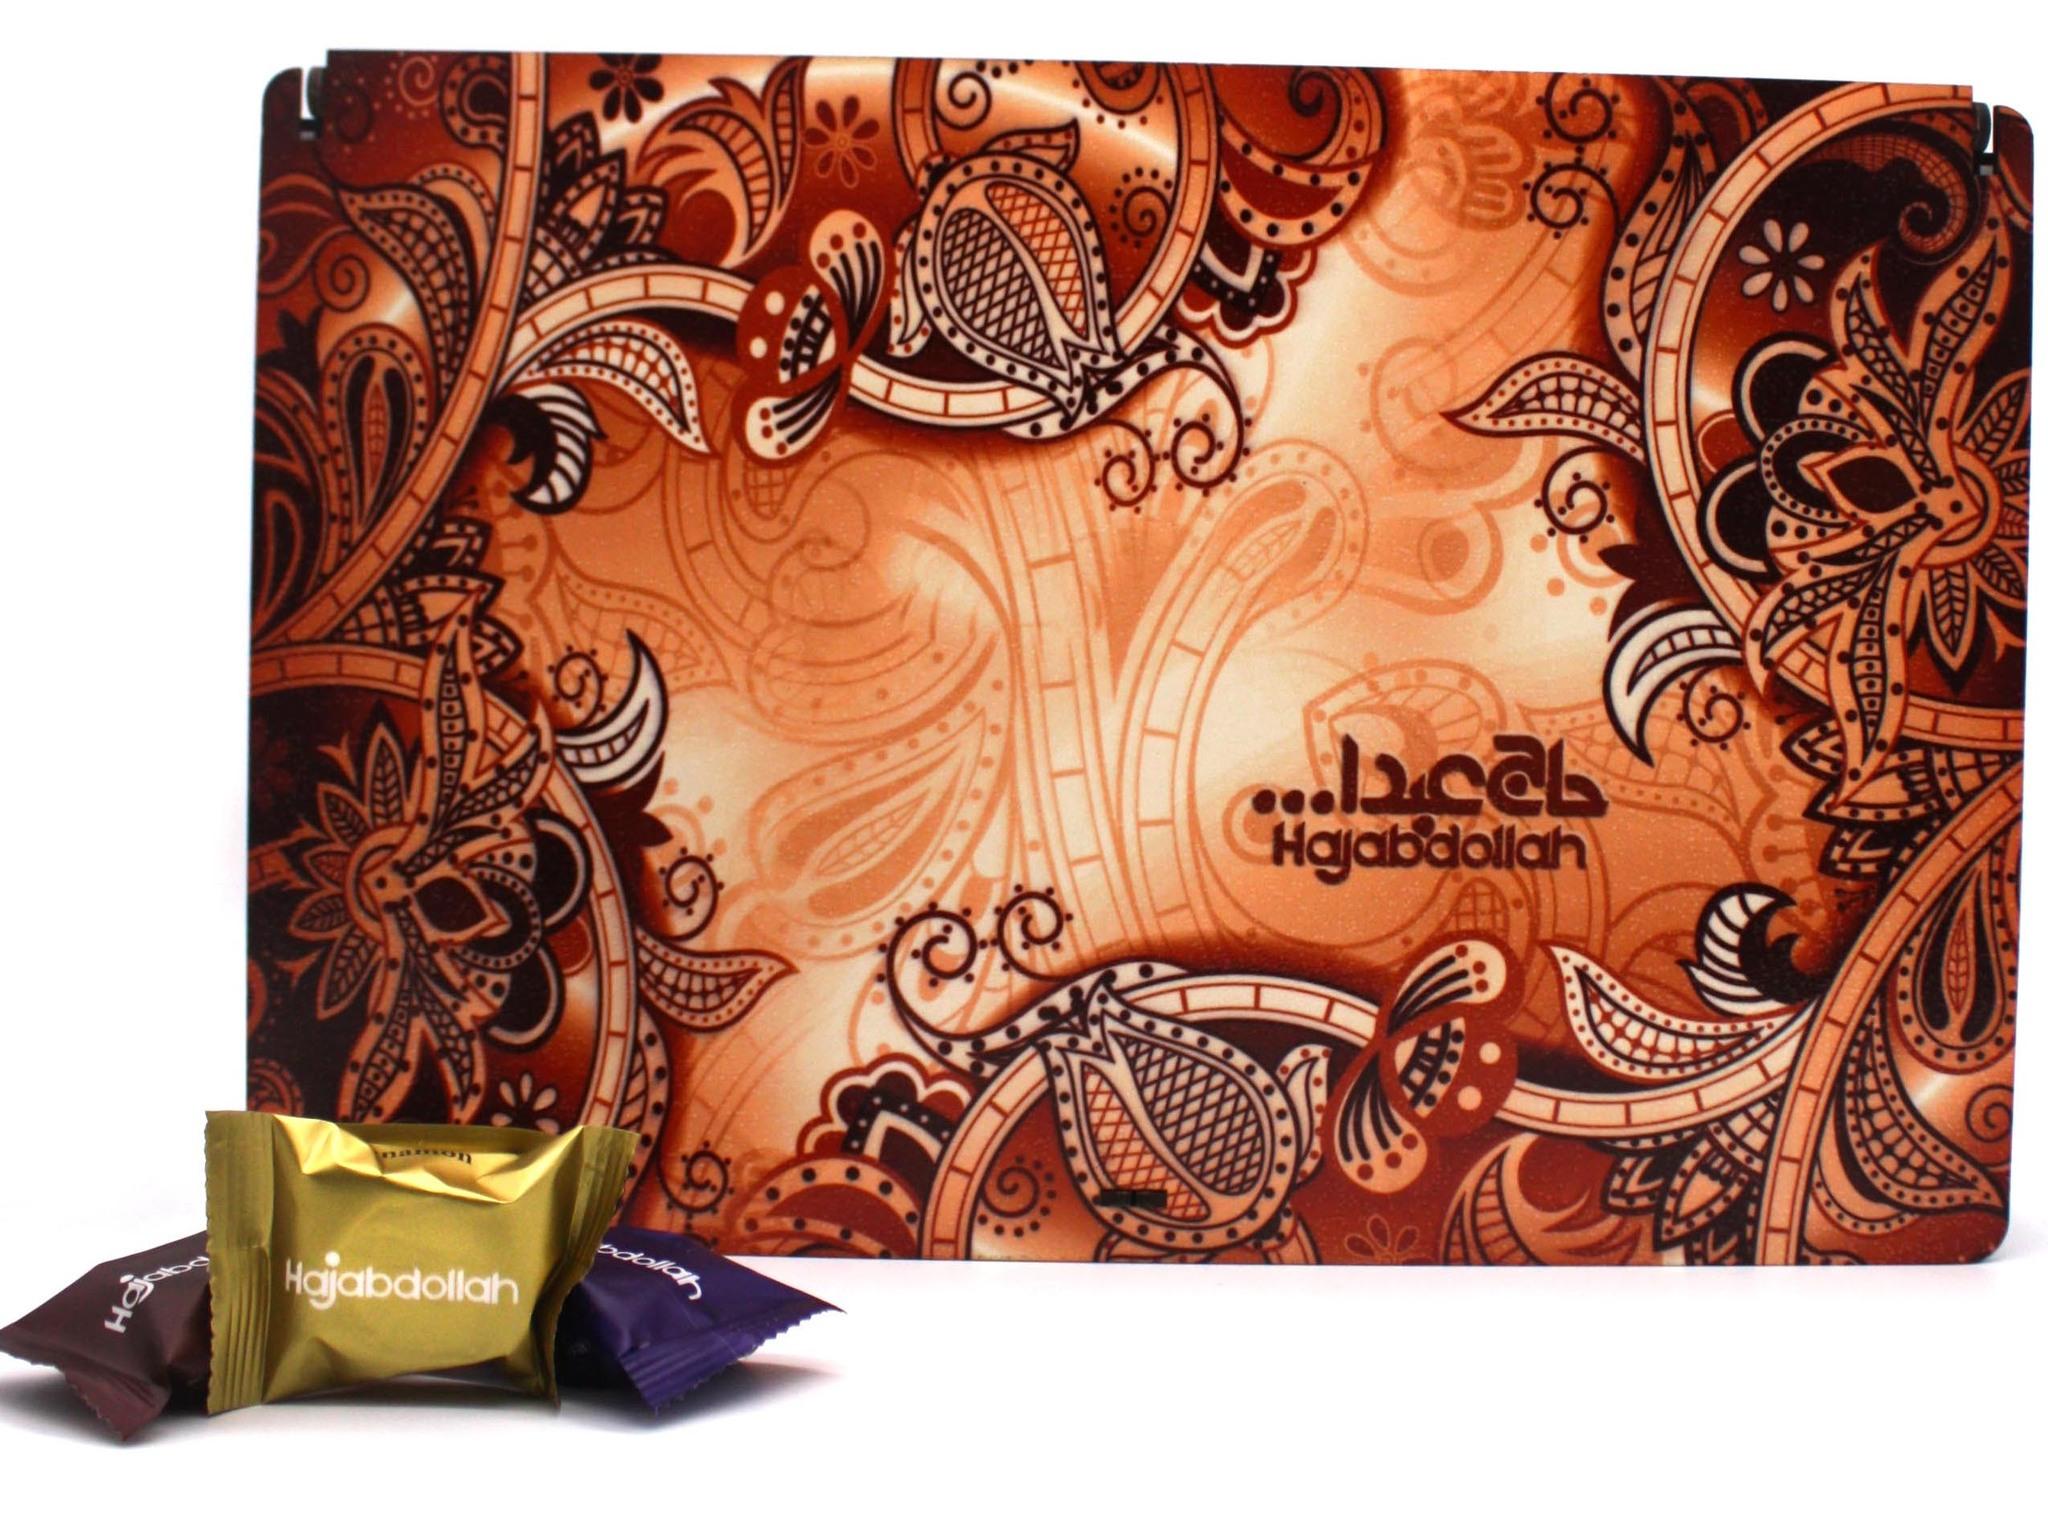 """Пишмание Ассорти пишмание в подарочной деревянной упаковке """"Традиция"""", Hajabdollah, 500 г import_files_a2_a2b1aca6f24f11e8a9a1484d7ecee297_9266c14df95711e8a9a1484d7ecee297.jpg"""